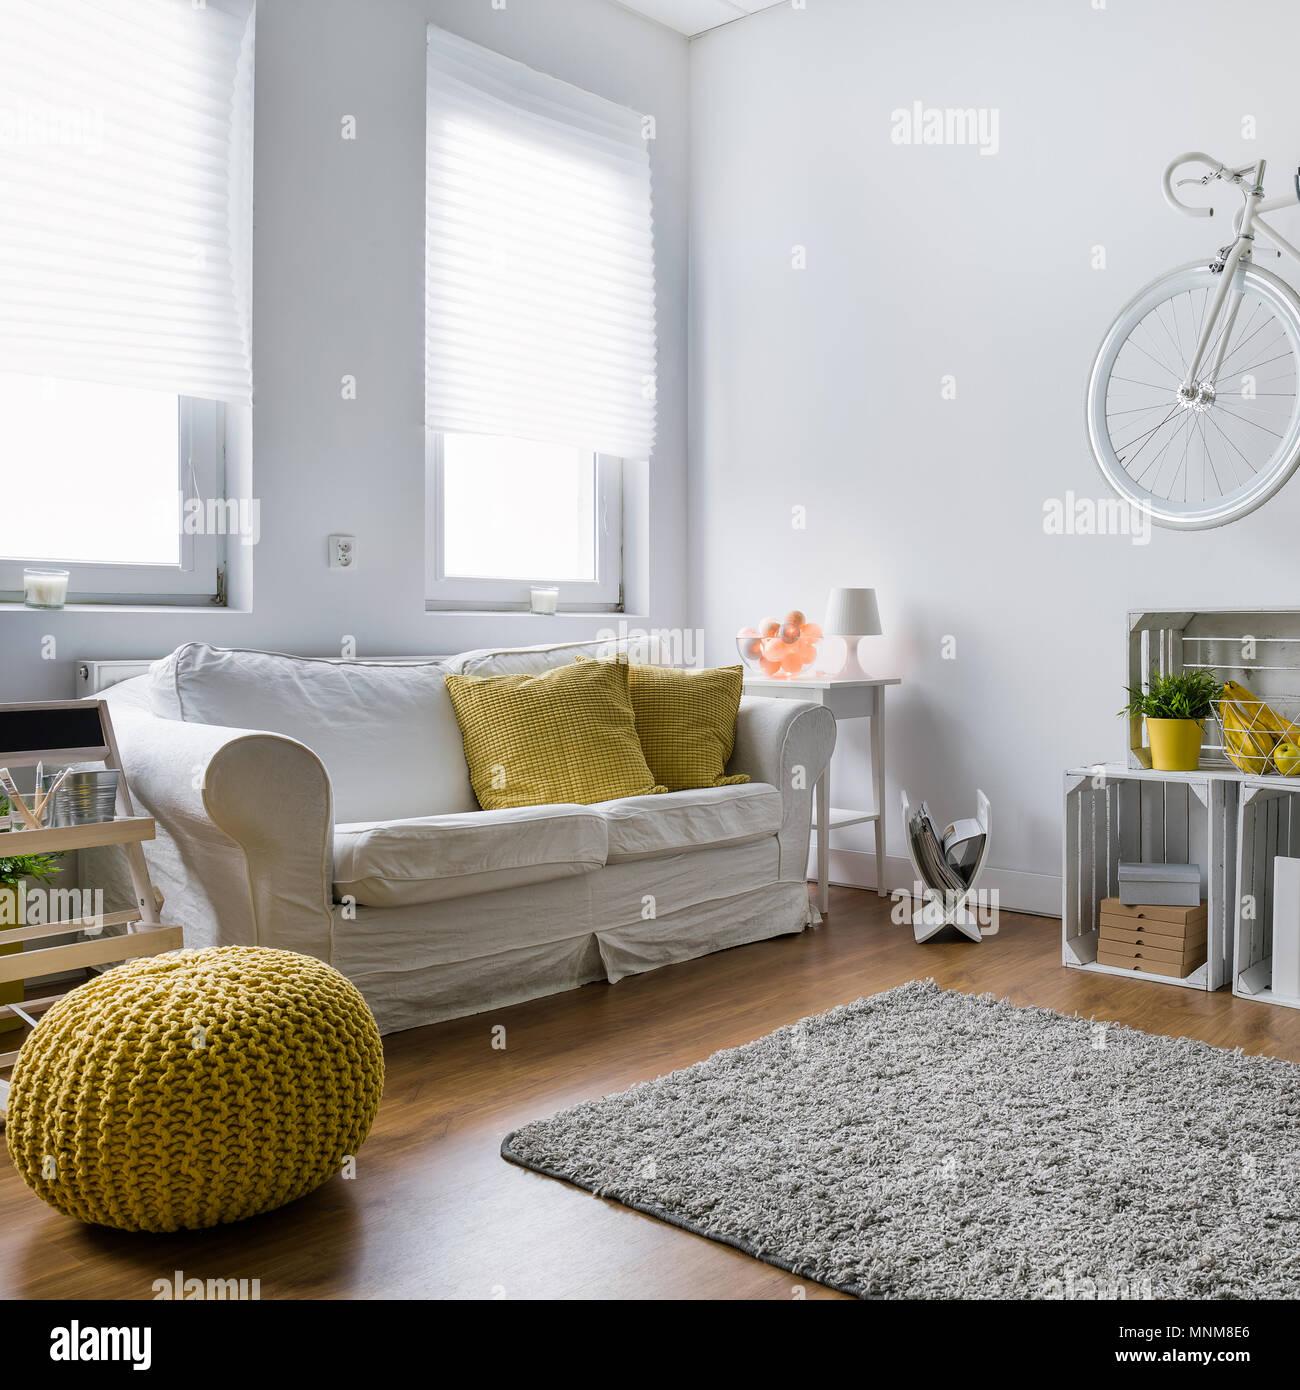 Wohnzimmer Mit Sofa Teppich Holzpaneele Und Stilvolle Dekorationen